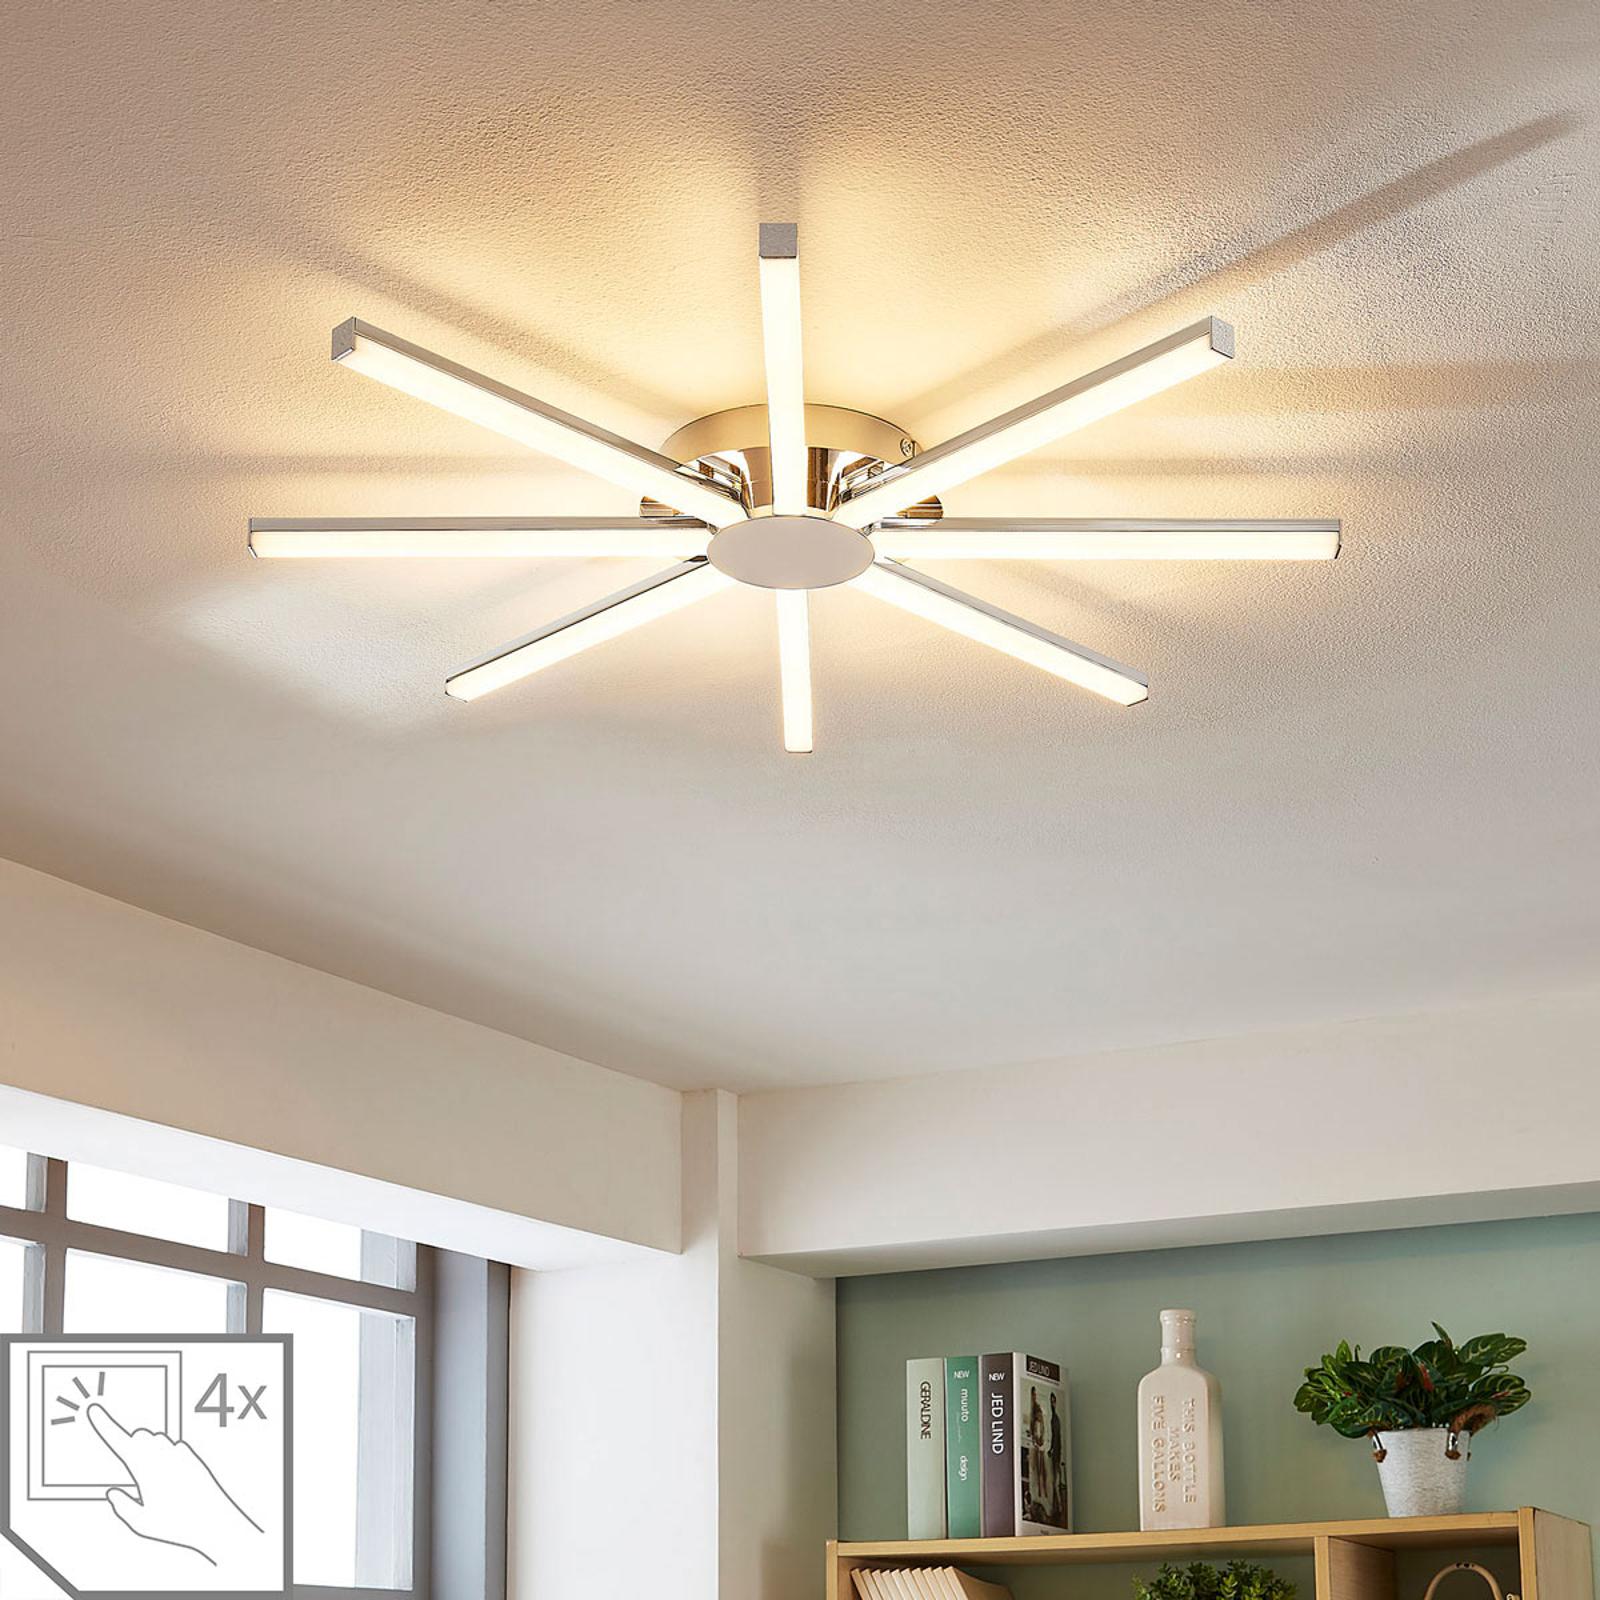 Auringon muotoinen LED-kattolamppu Korona.